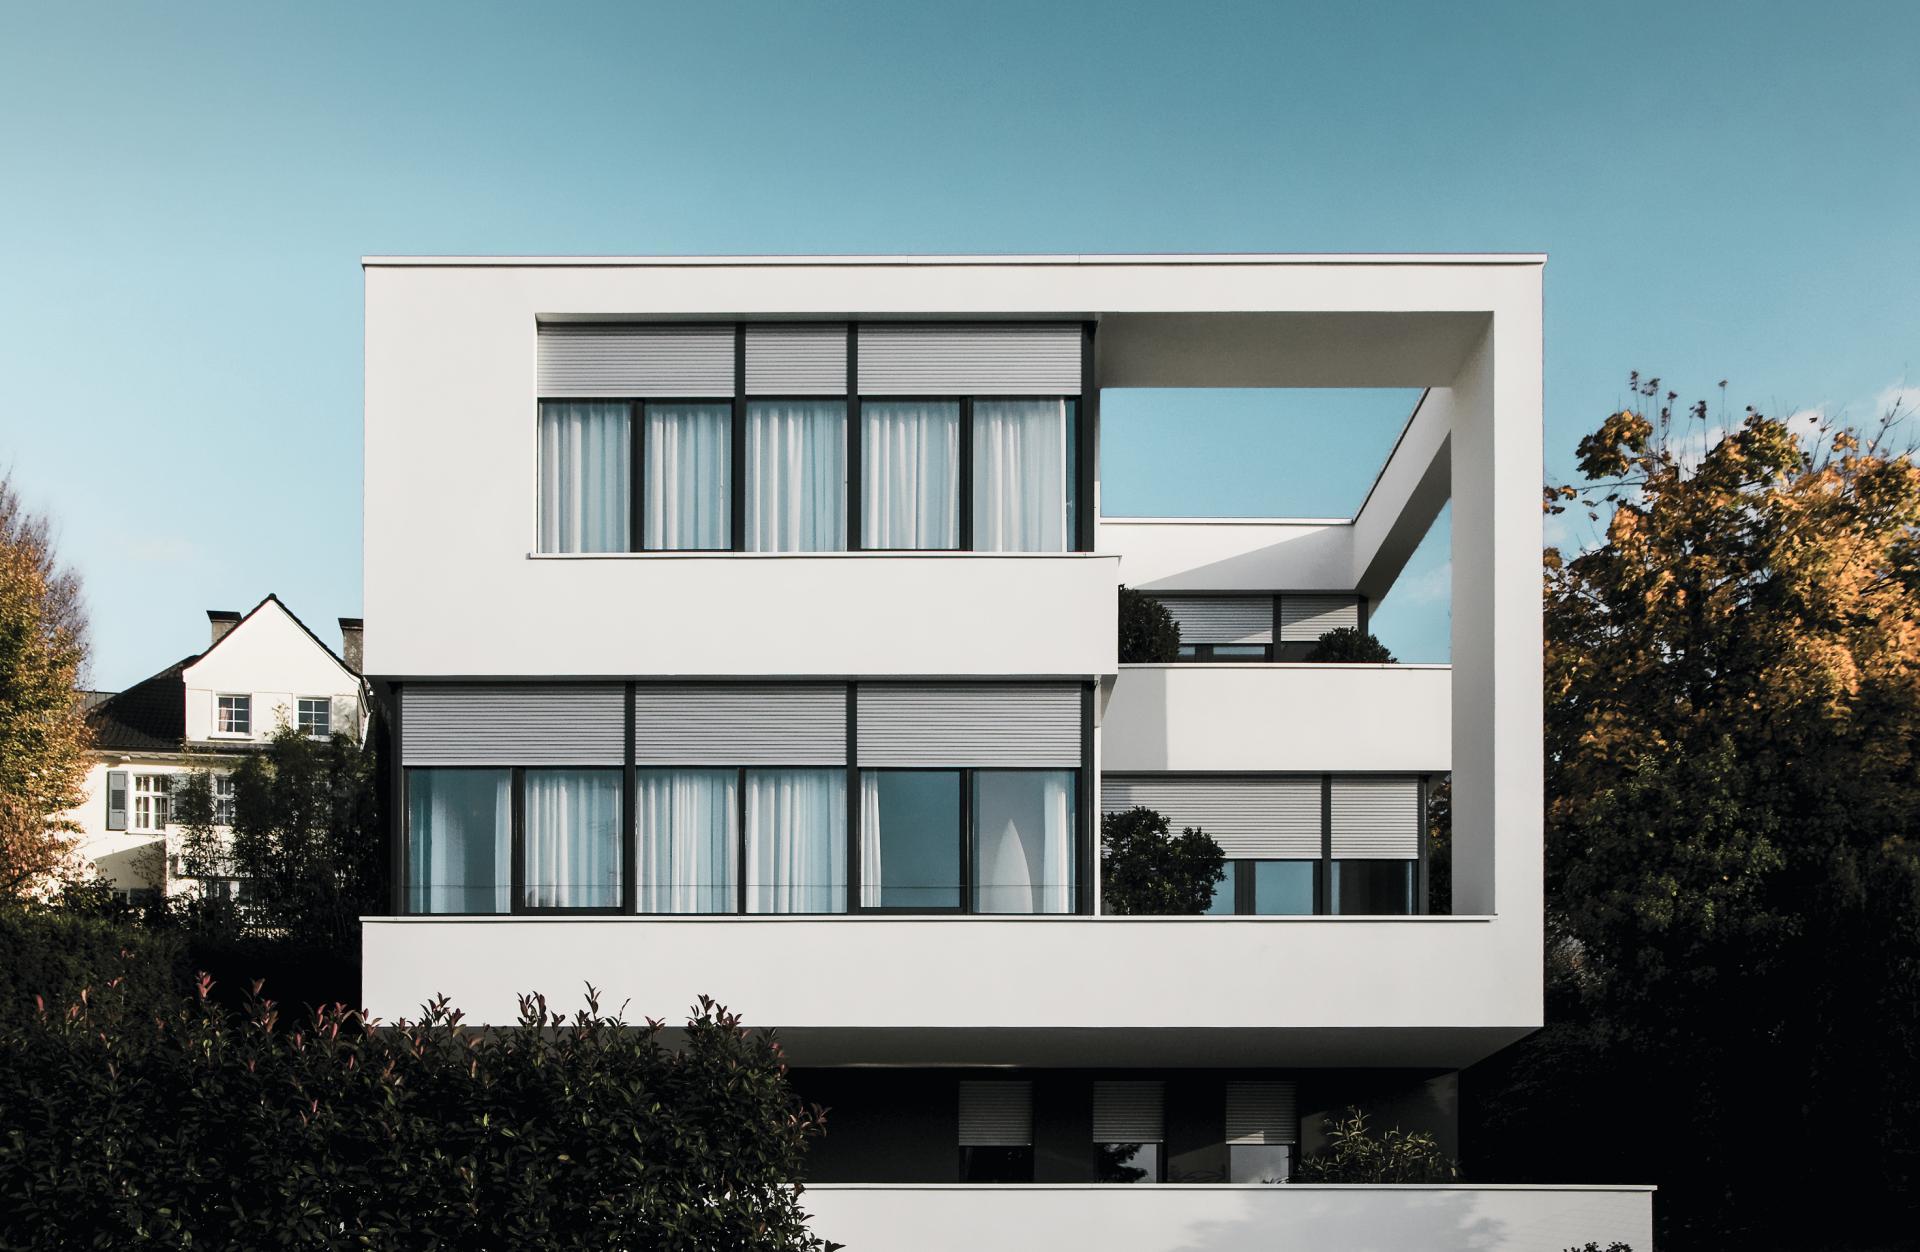 Haus_mit_Rollladen_(4131)